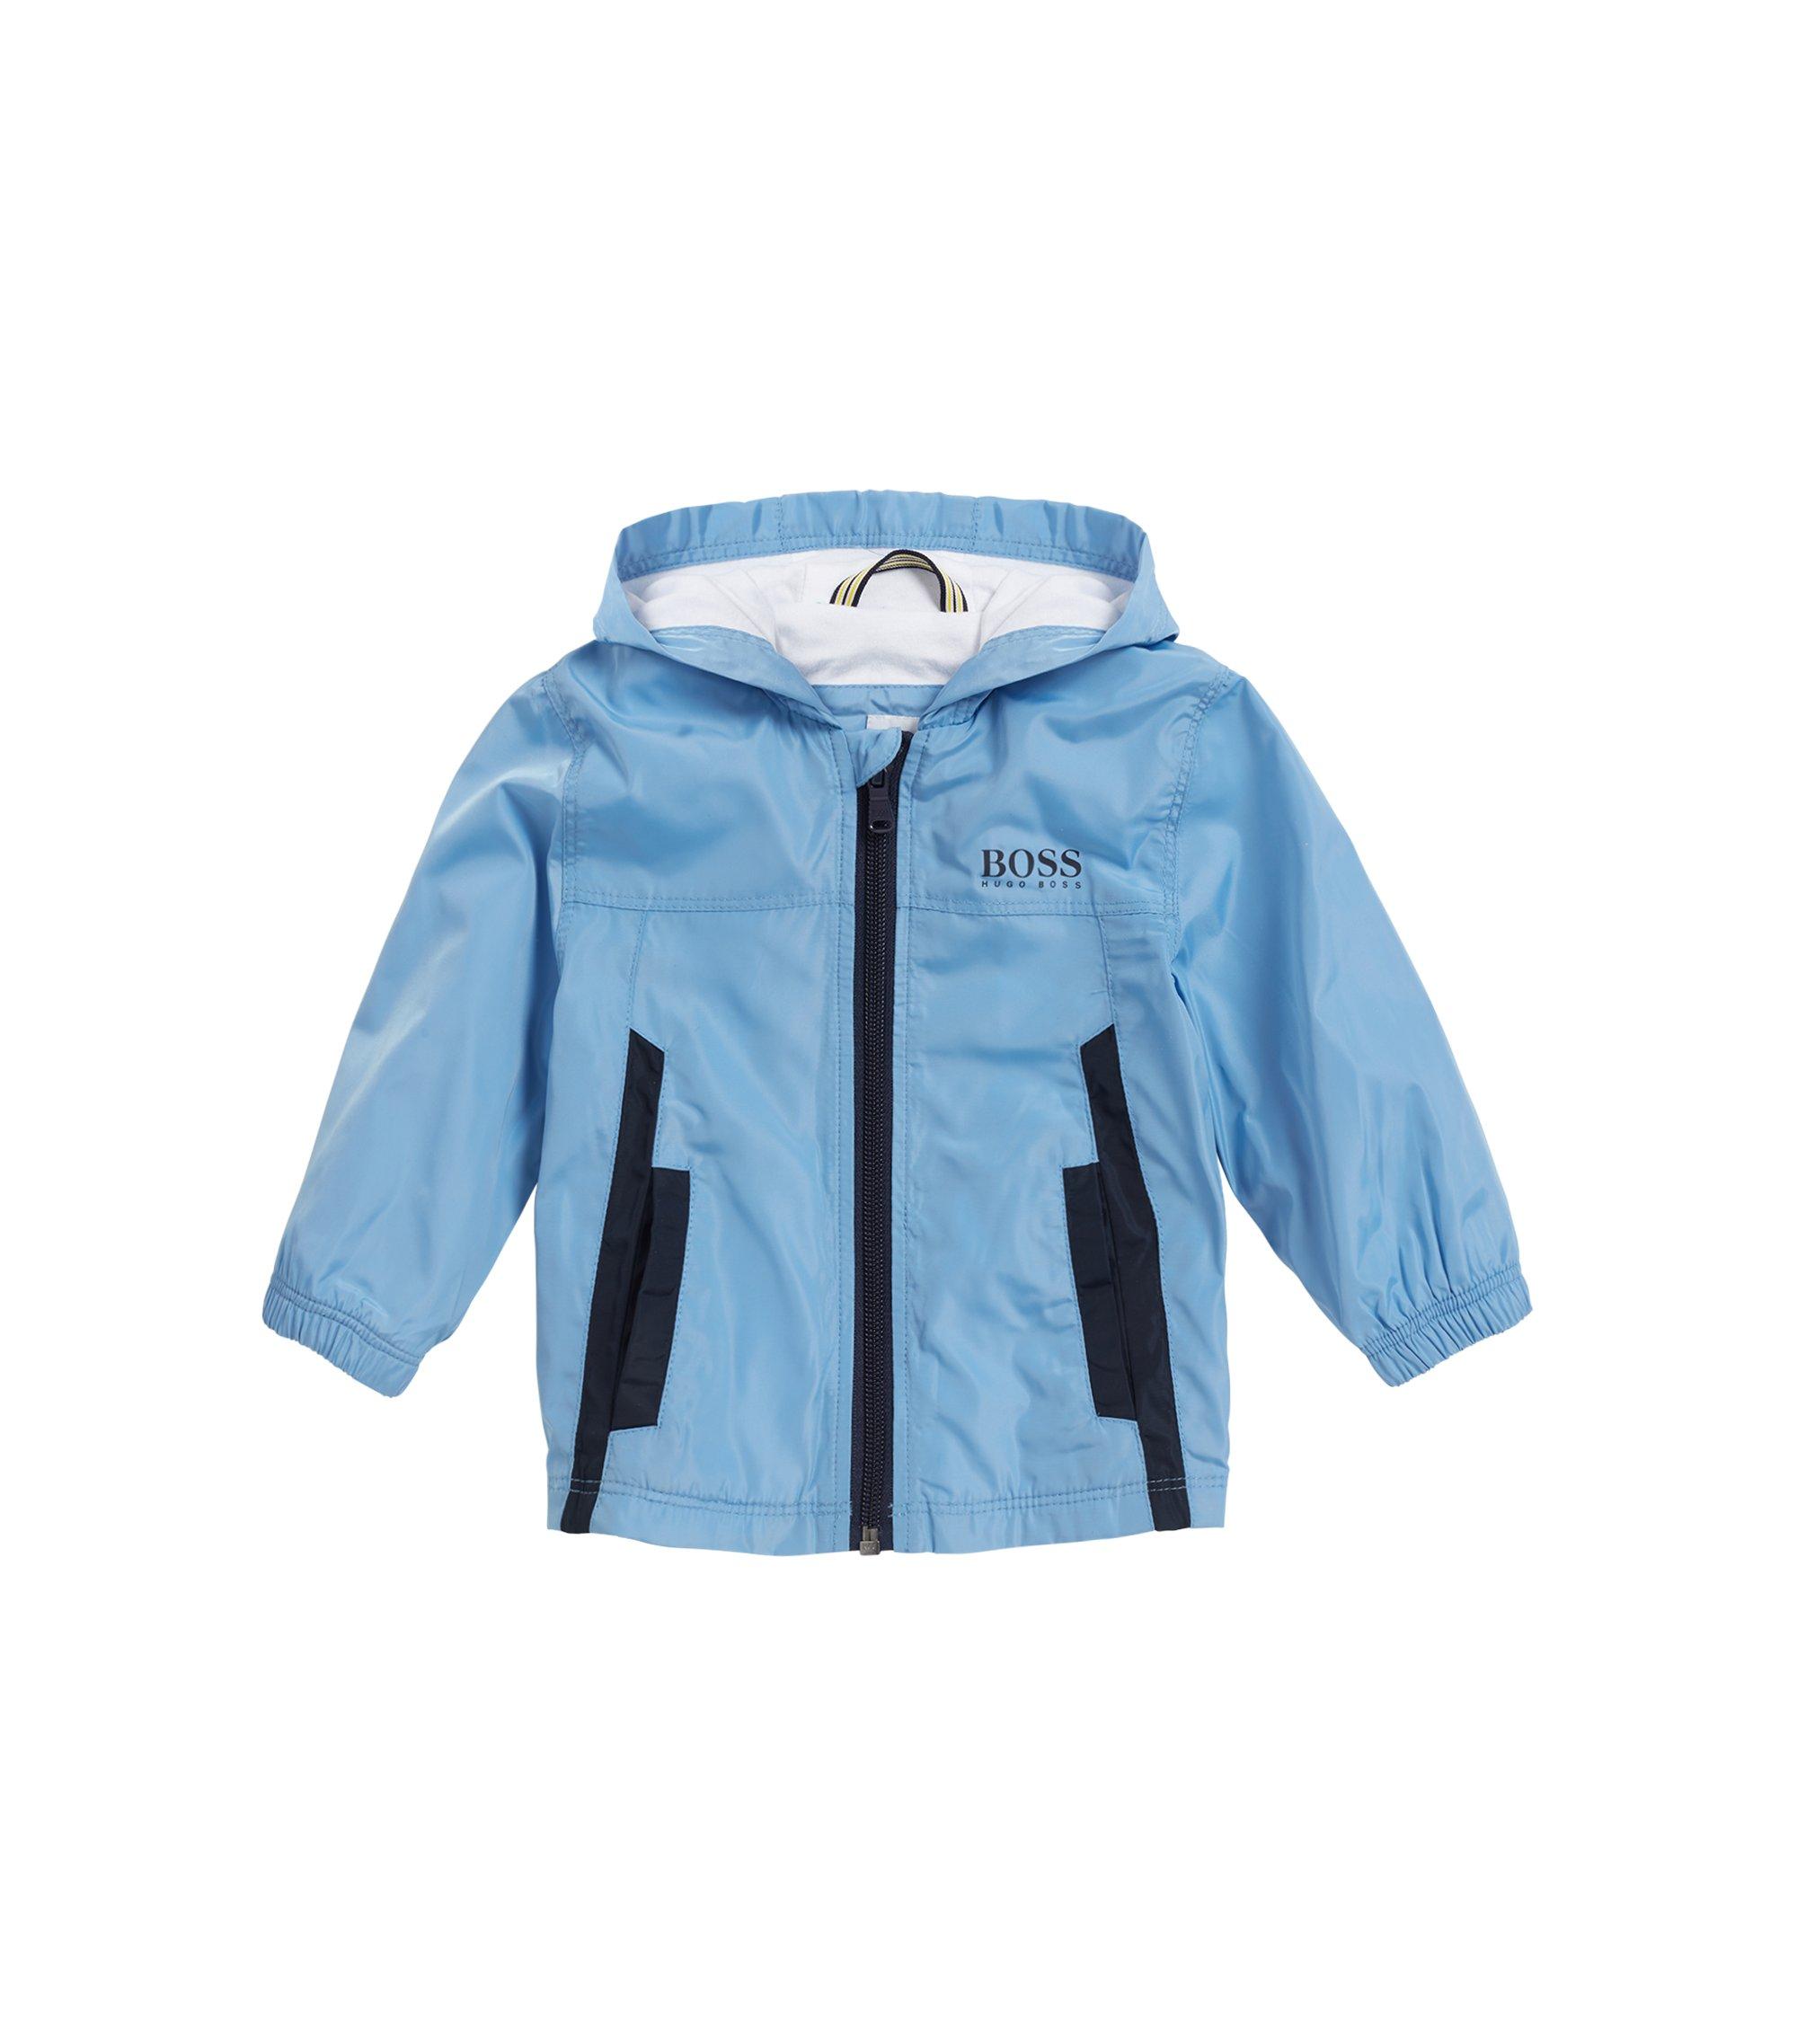 Veste coupe-vent pour enfant avec doublure en jersey de coton, Turquoise